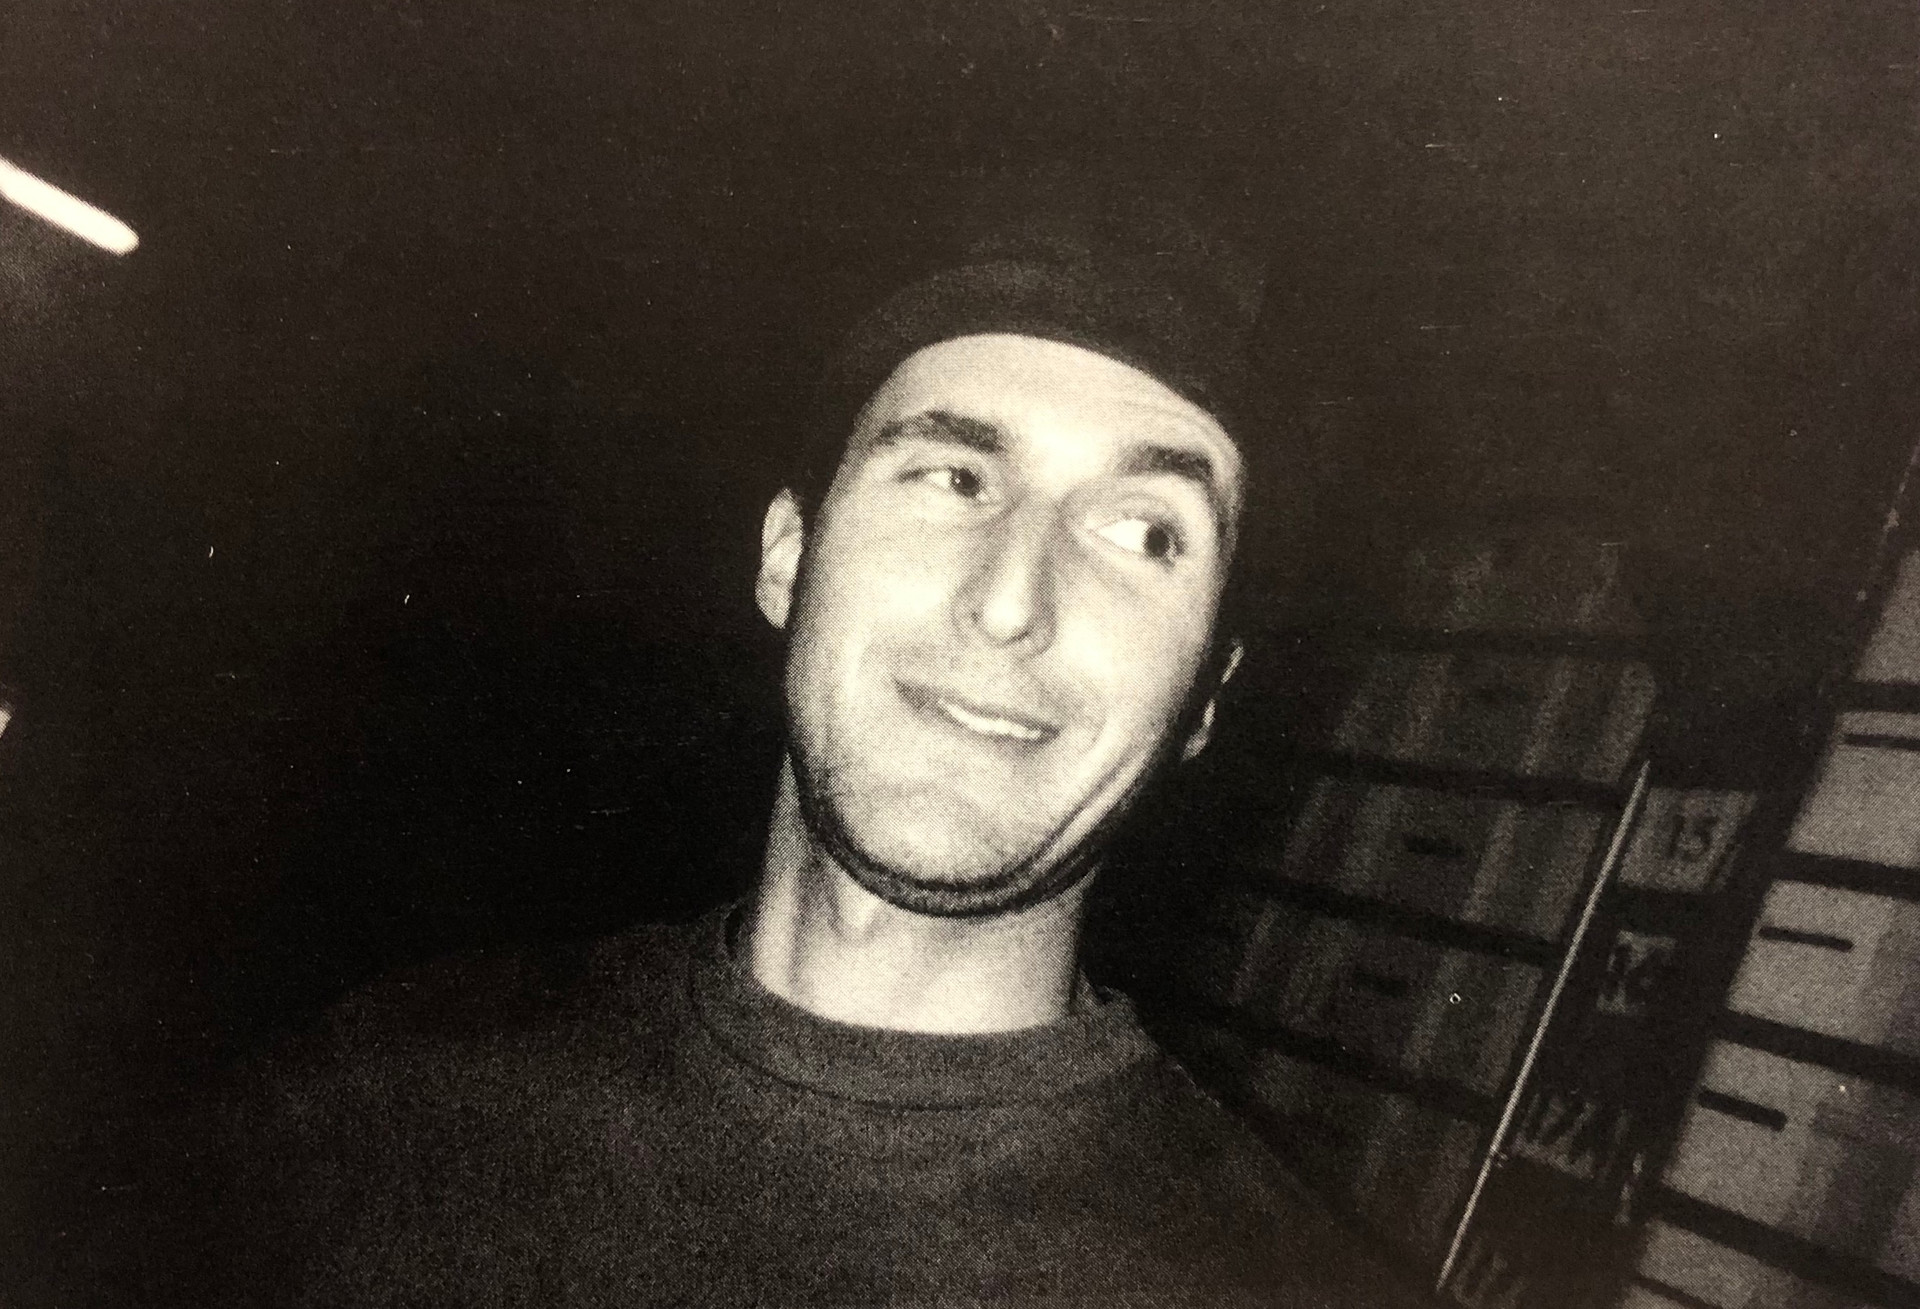 Mark Kohr at Skellington Studio 1992